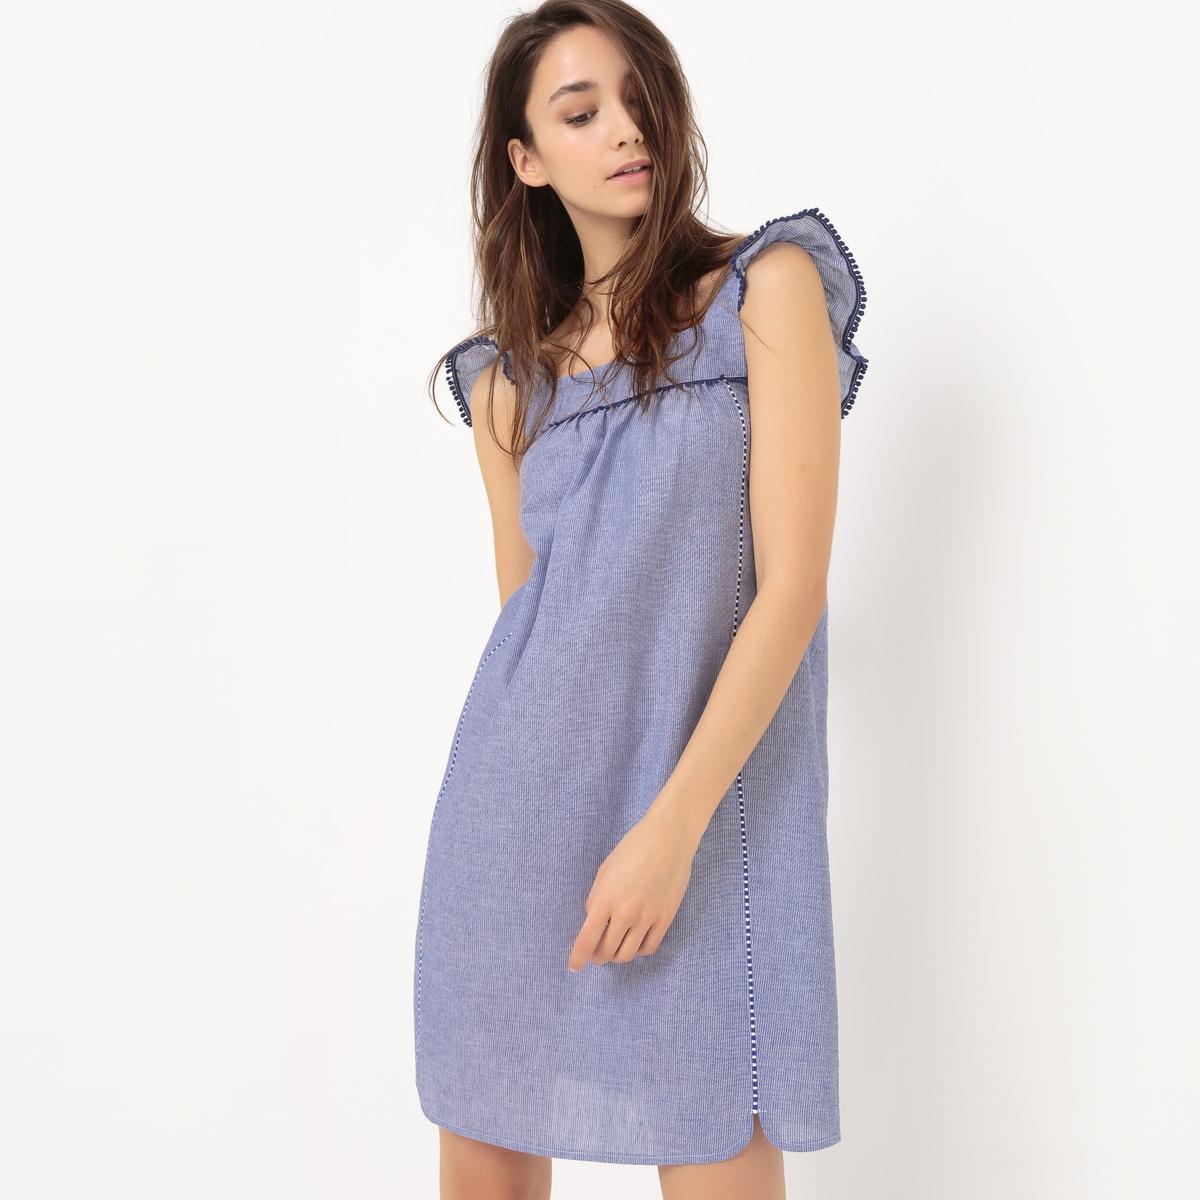 Платье из ткани шамбре, с короткими рукавами и воланамиМатериал : 100% хлопка.       Длина рукава : Без рукавов       Форма воротника : без воротника      Покрой платья : платье прямого покроя    Рисунок : Однотонная модель       Особенность платья : волан      Длина платья : до колен<br><br>Цвет: синий шамбре<br>Размер: 42 (FR) - 48 (RUS).40 (FR) - 46 (RUS).38 (FR) - 44 (RUS).36 (FR) - 42 (RUS).46 (FR) - 52 (RUS)